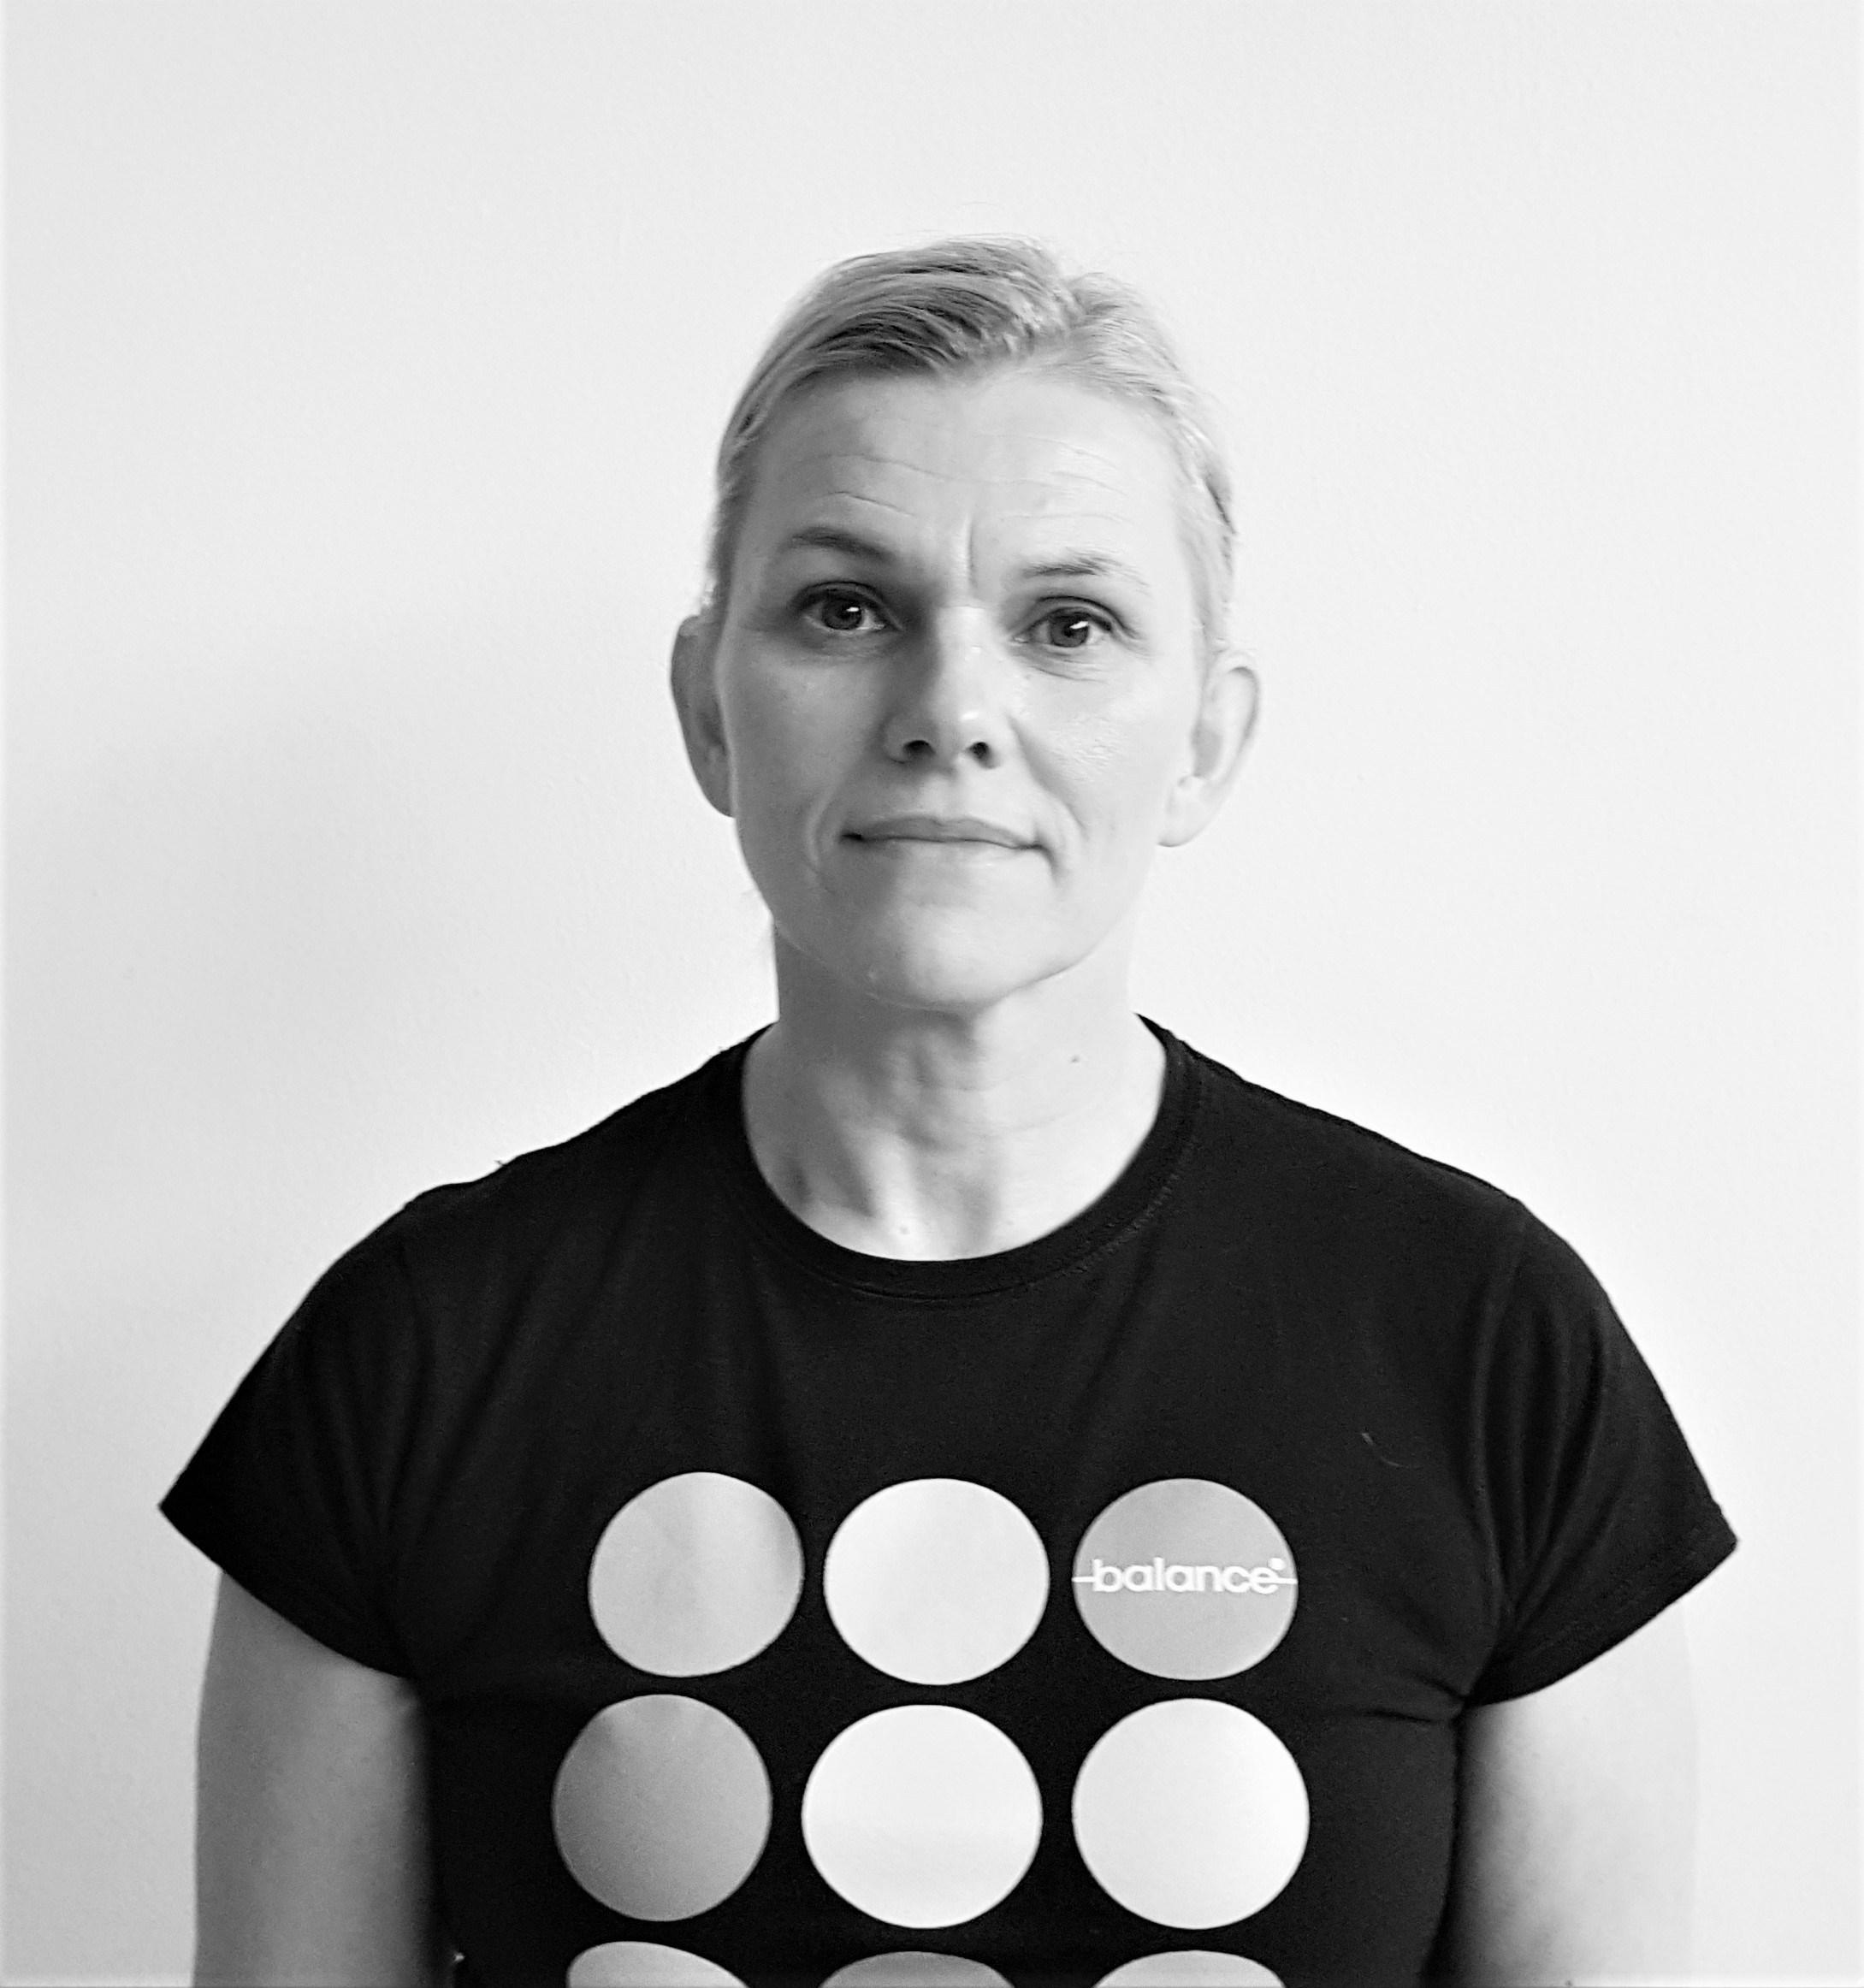 Bara Hreidardsdottir